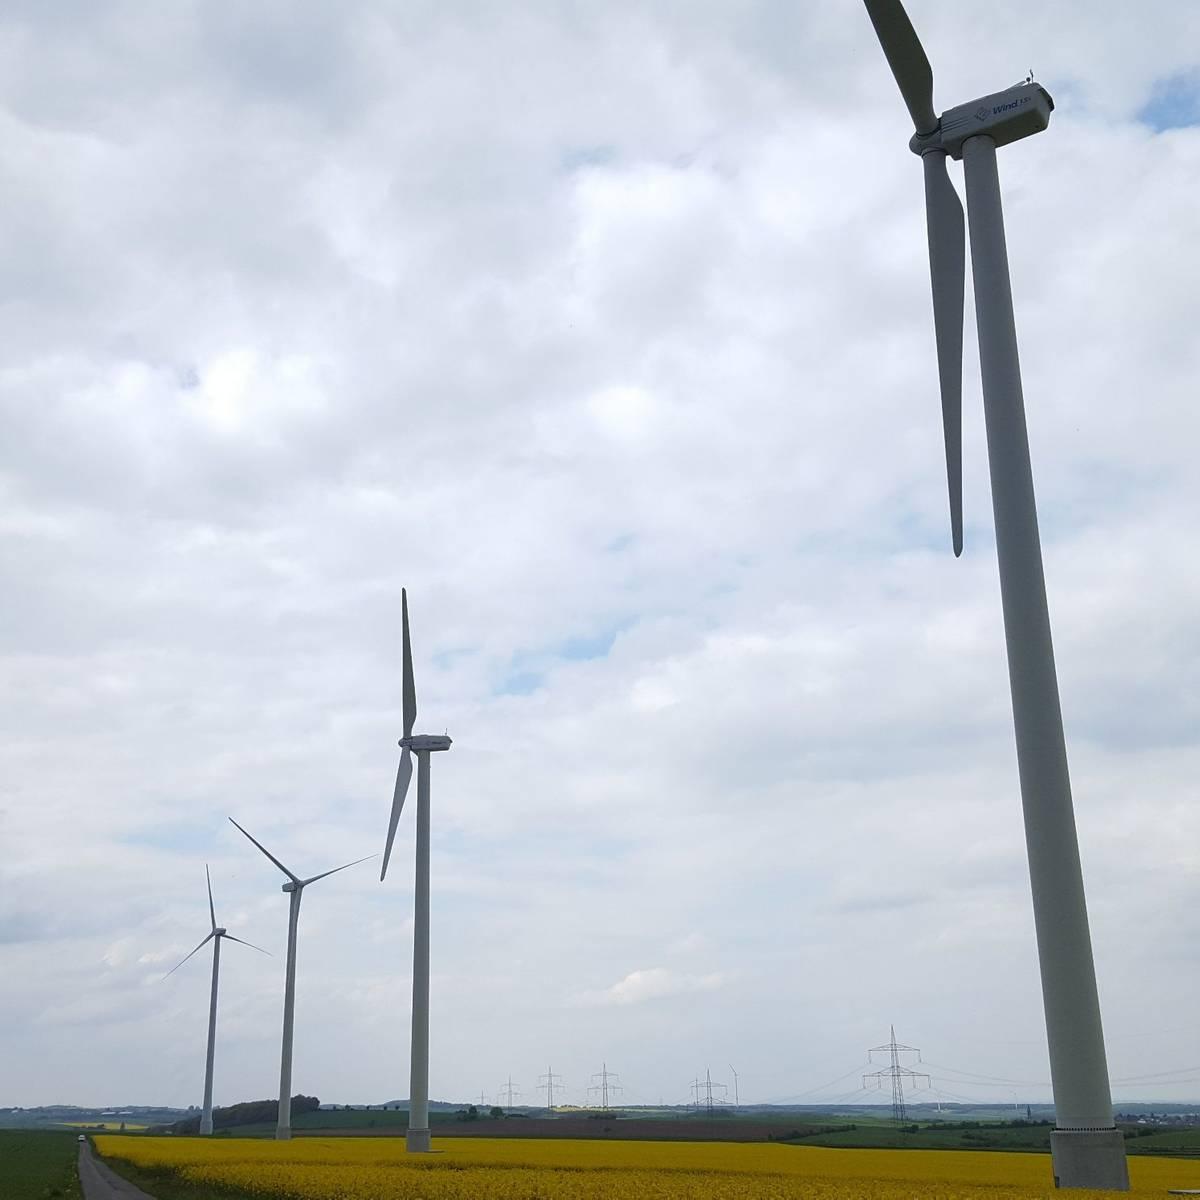 Möglicher Profit für Gemeinden durch Windpark Vlatten https://t.co/PqL5RrHb7o https://t.co/W2nkyoH43L